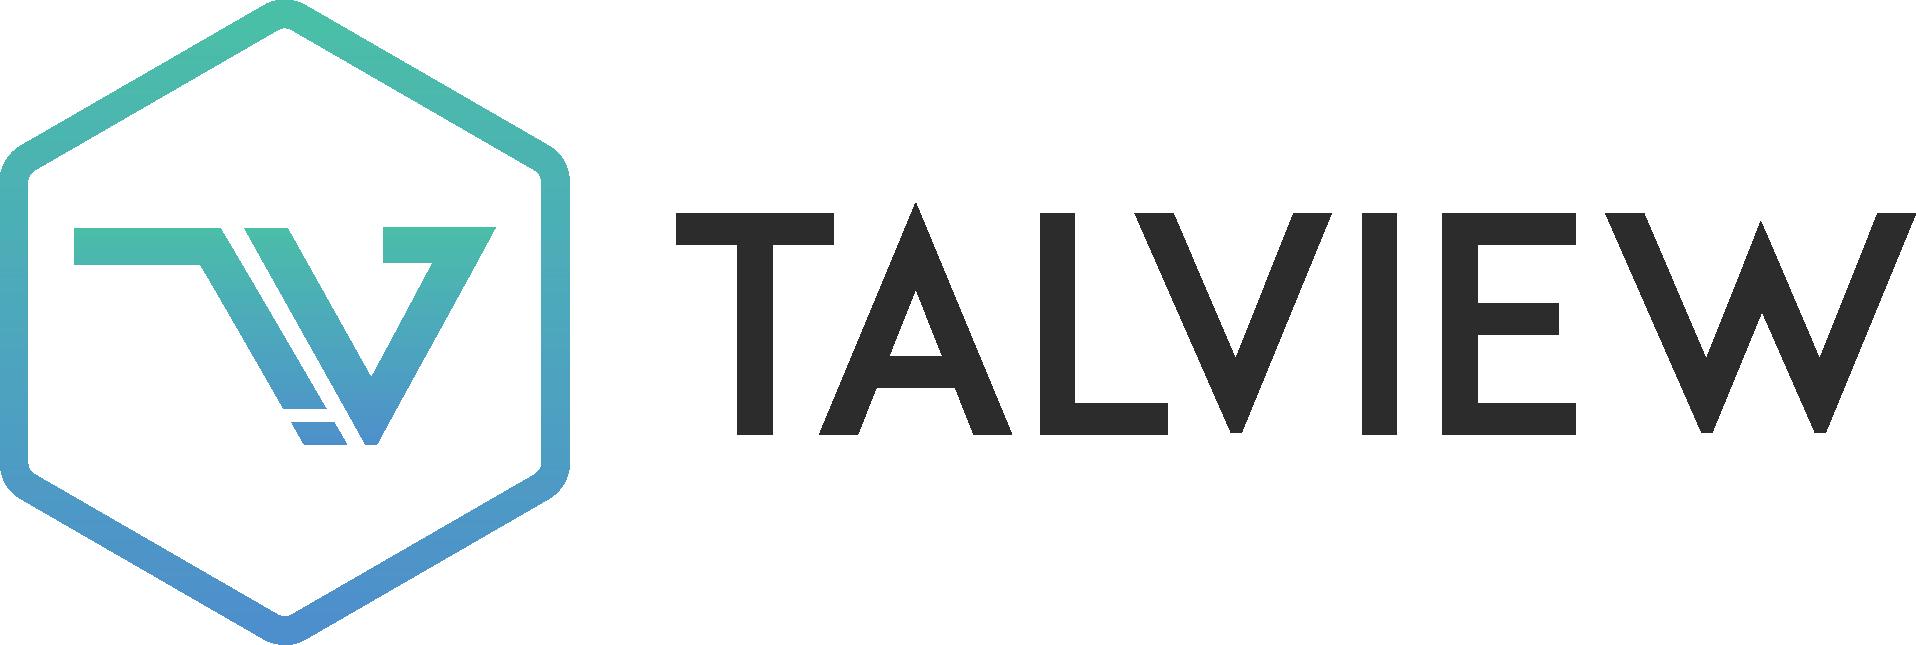 talview2017-logo